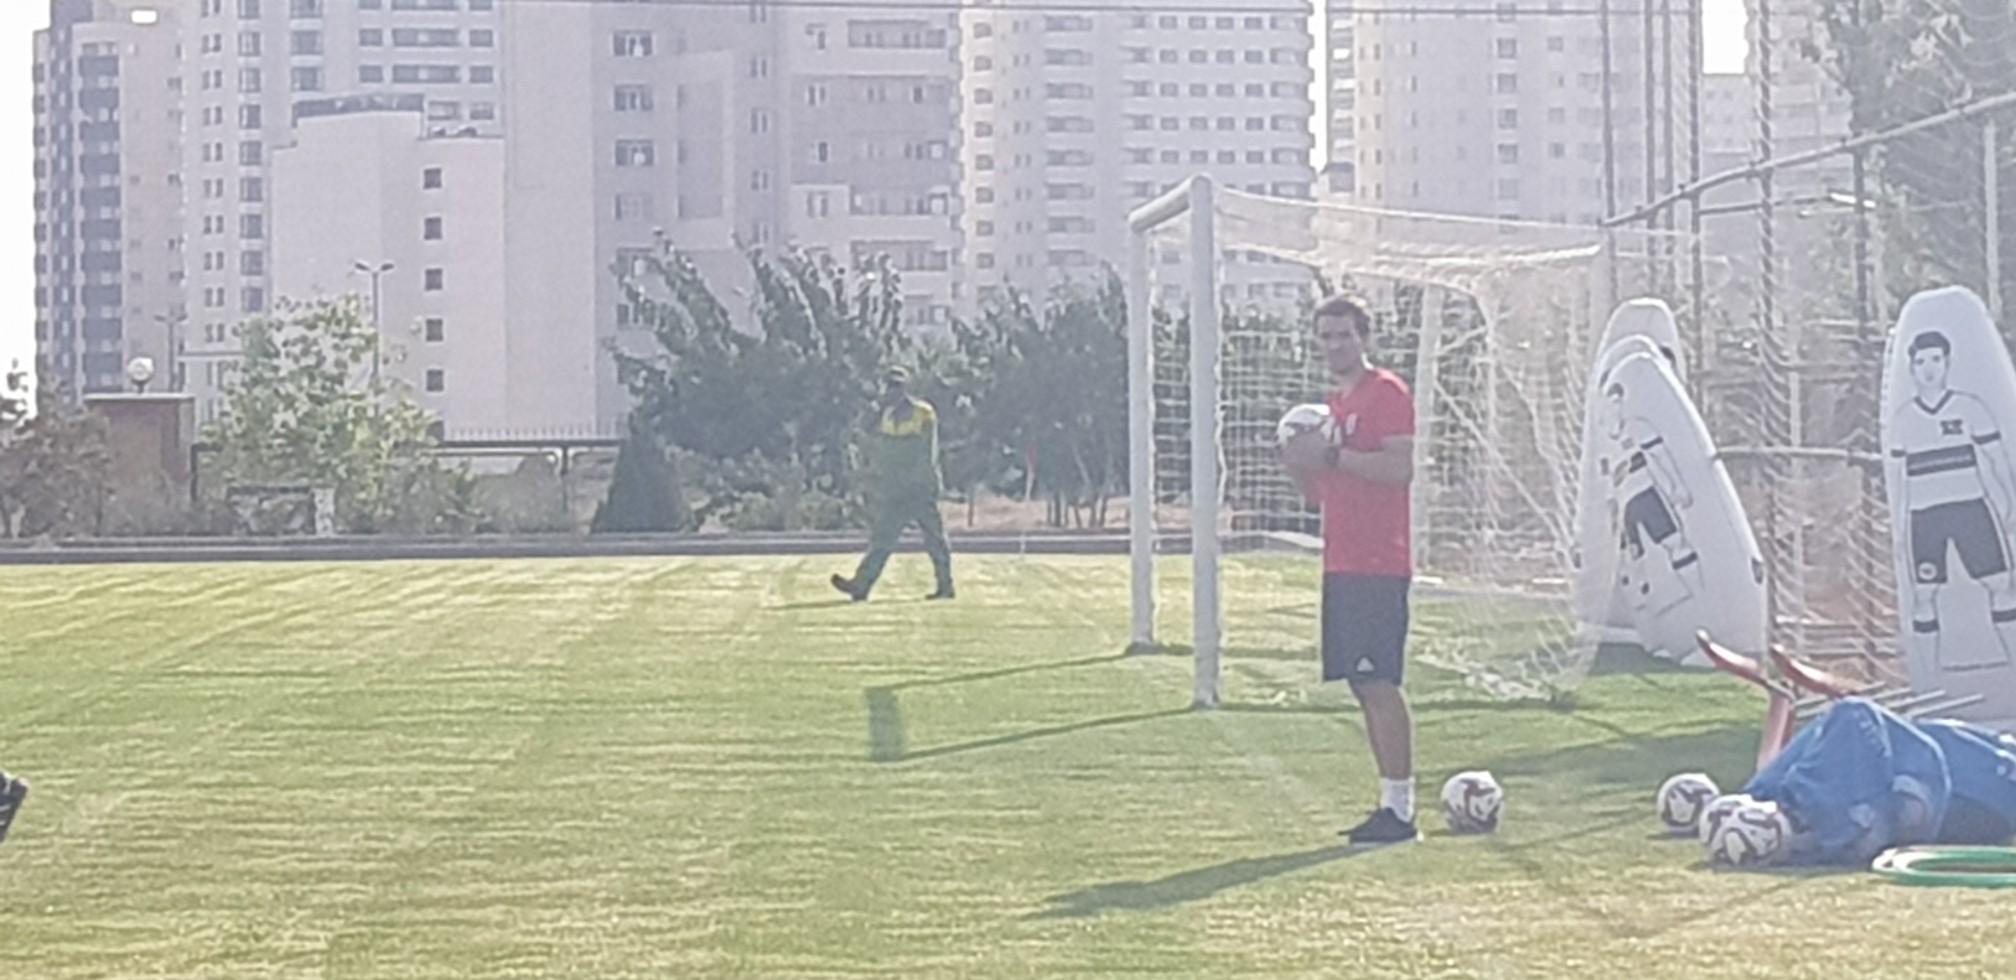 پیگیری تمرین تیم ملی فوتبال در روز غیبت دژاگه و پورعلی گنجی